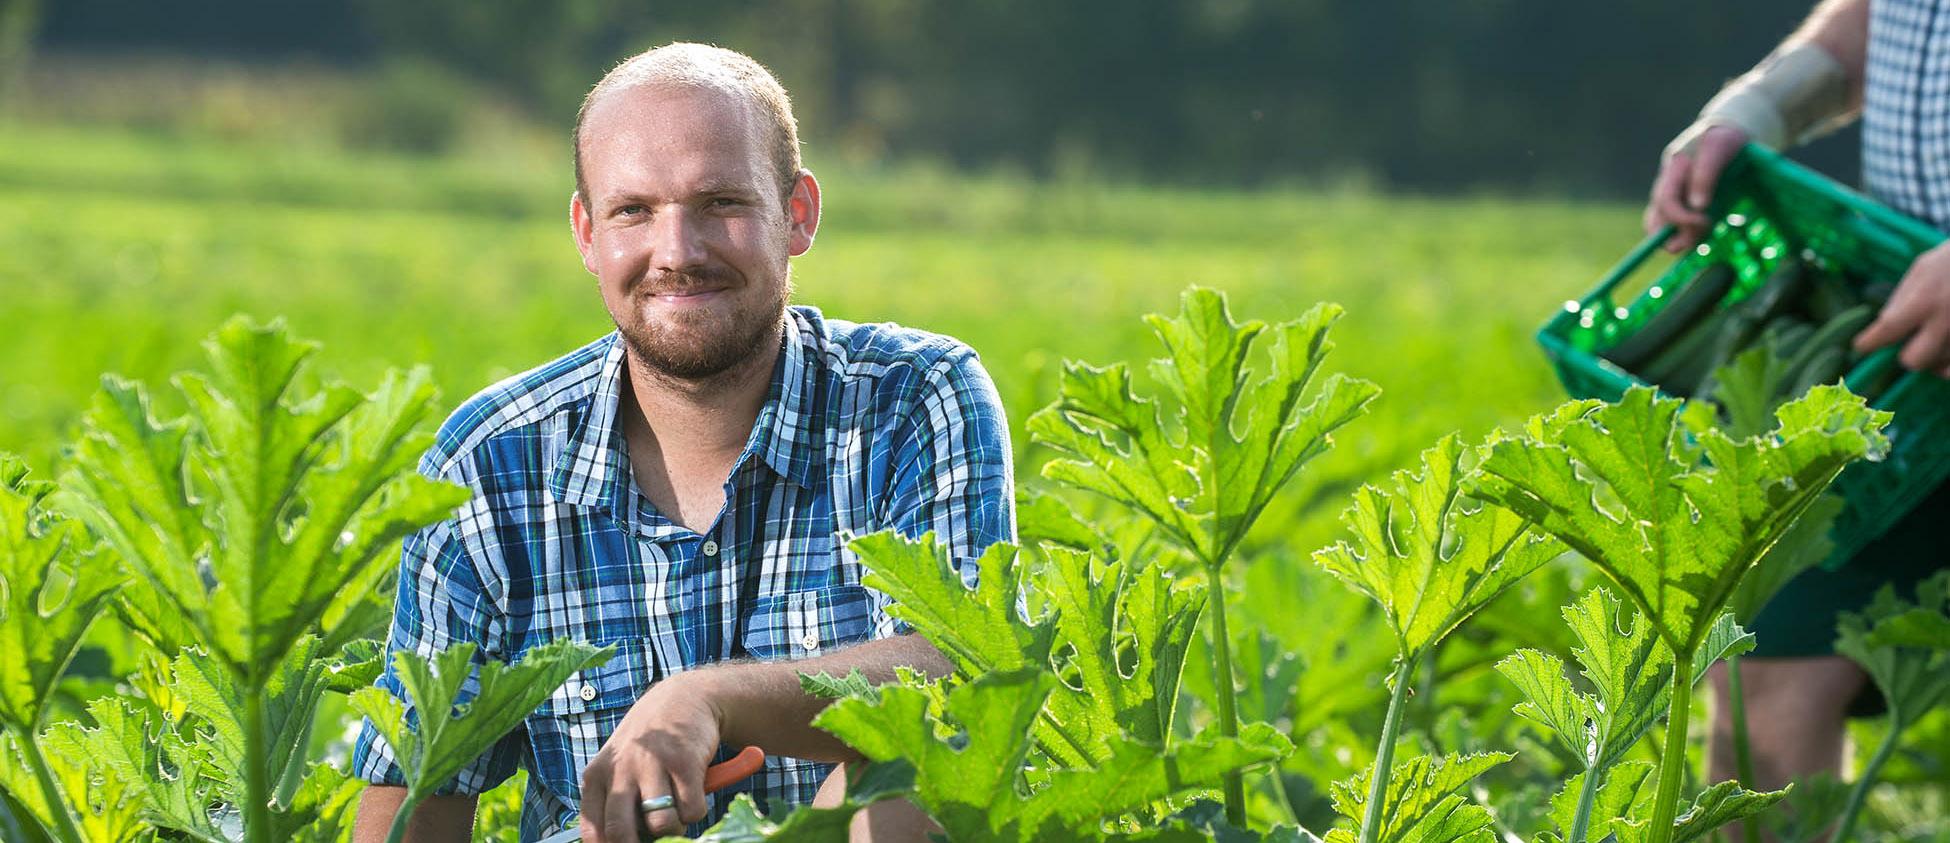 BARMETTLER Gemüsekulturen GmbH